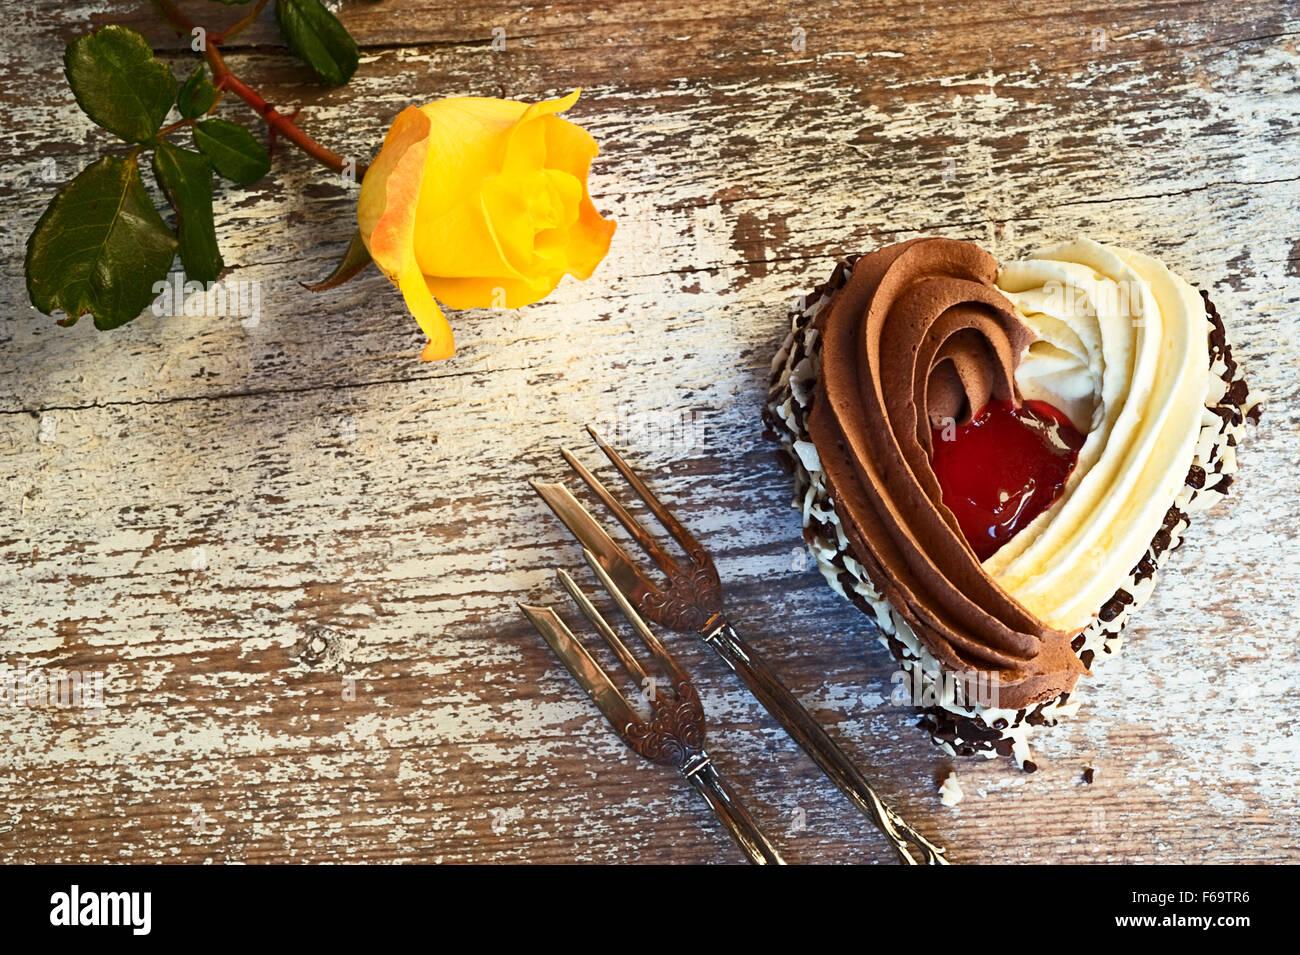 Still Life with a forma di cuore torta, due forcelle di pasticceria e una rosa gialla Immagini Stock